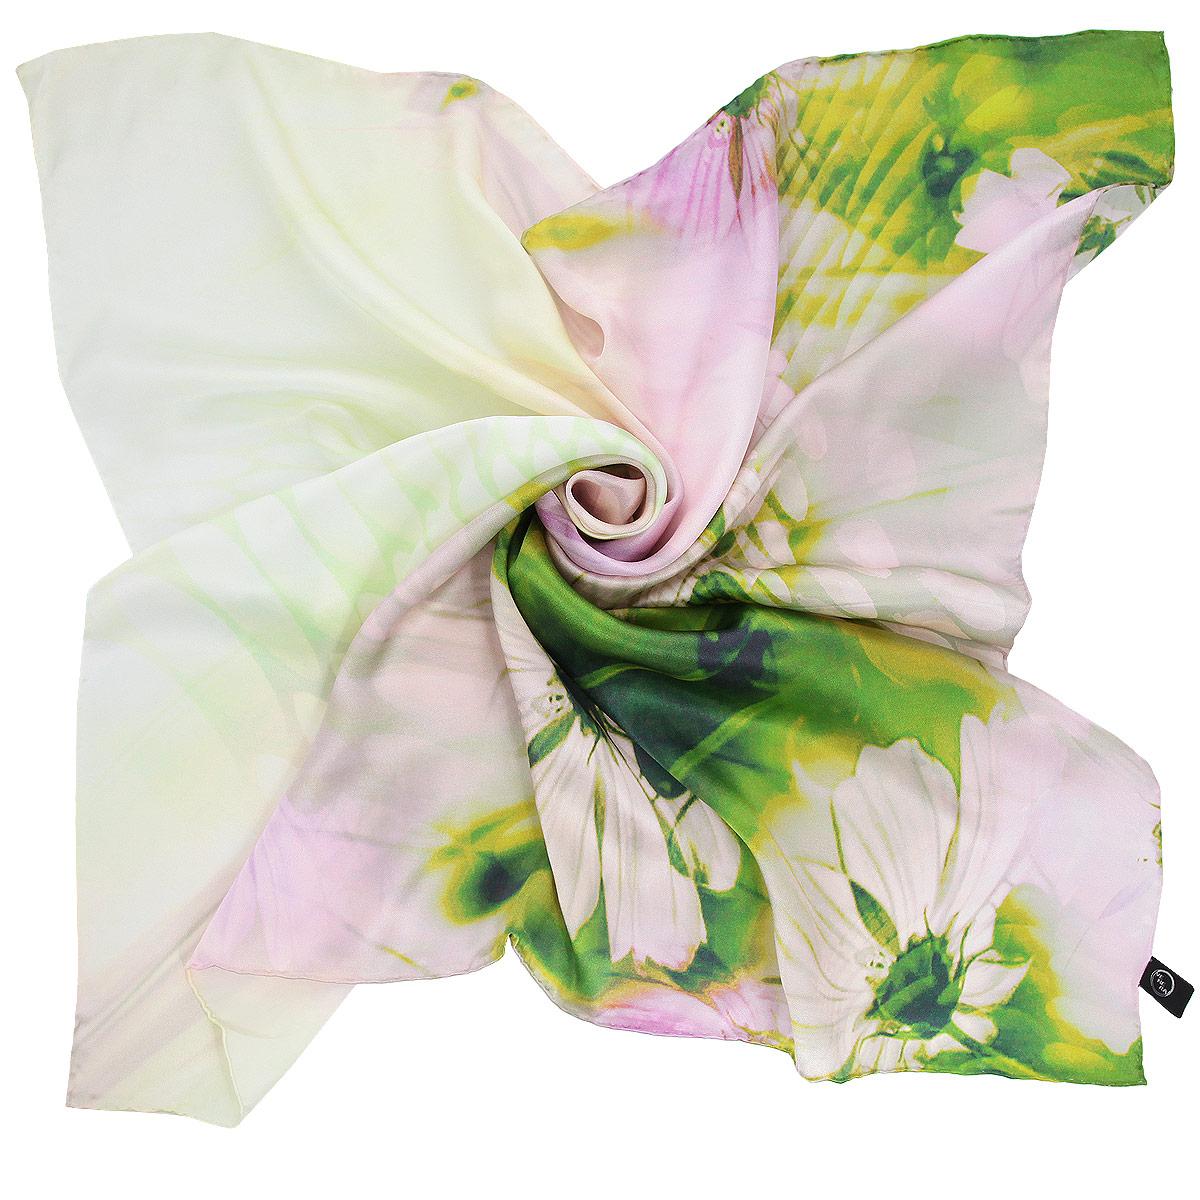 1802129-04 ПлатокВеликолепный платок Venera подчеркнет ваш неповторимый образ. Изделие выполнено из натурального шелка и оформлено цветочным принтом. Края платка обработаны вручную. Этот модный аксессуар женского гардероба гармонично дополнит образ современной женщины, следящей за своим имиджем и стремящейся всегда оставаться стильной и элегантной.